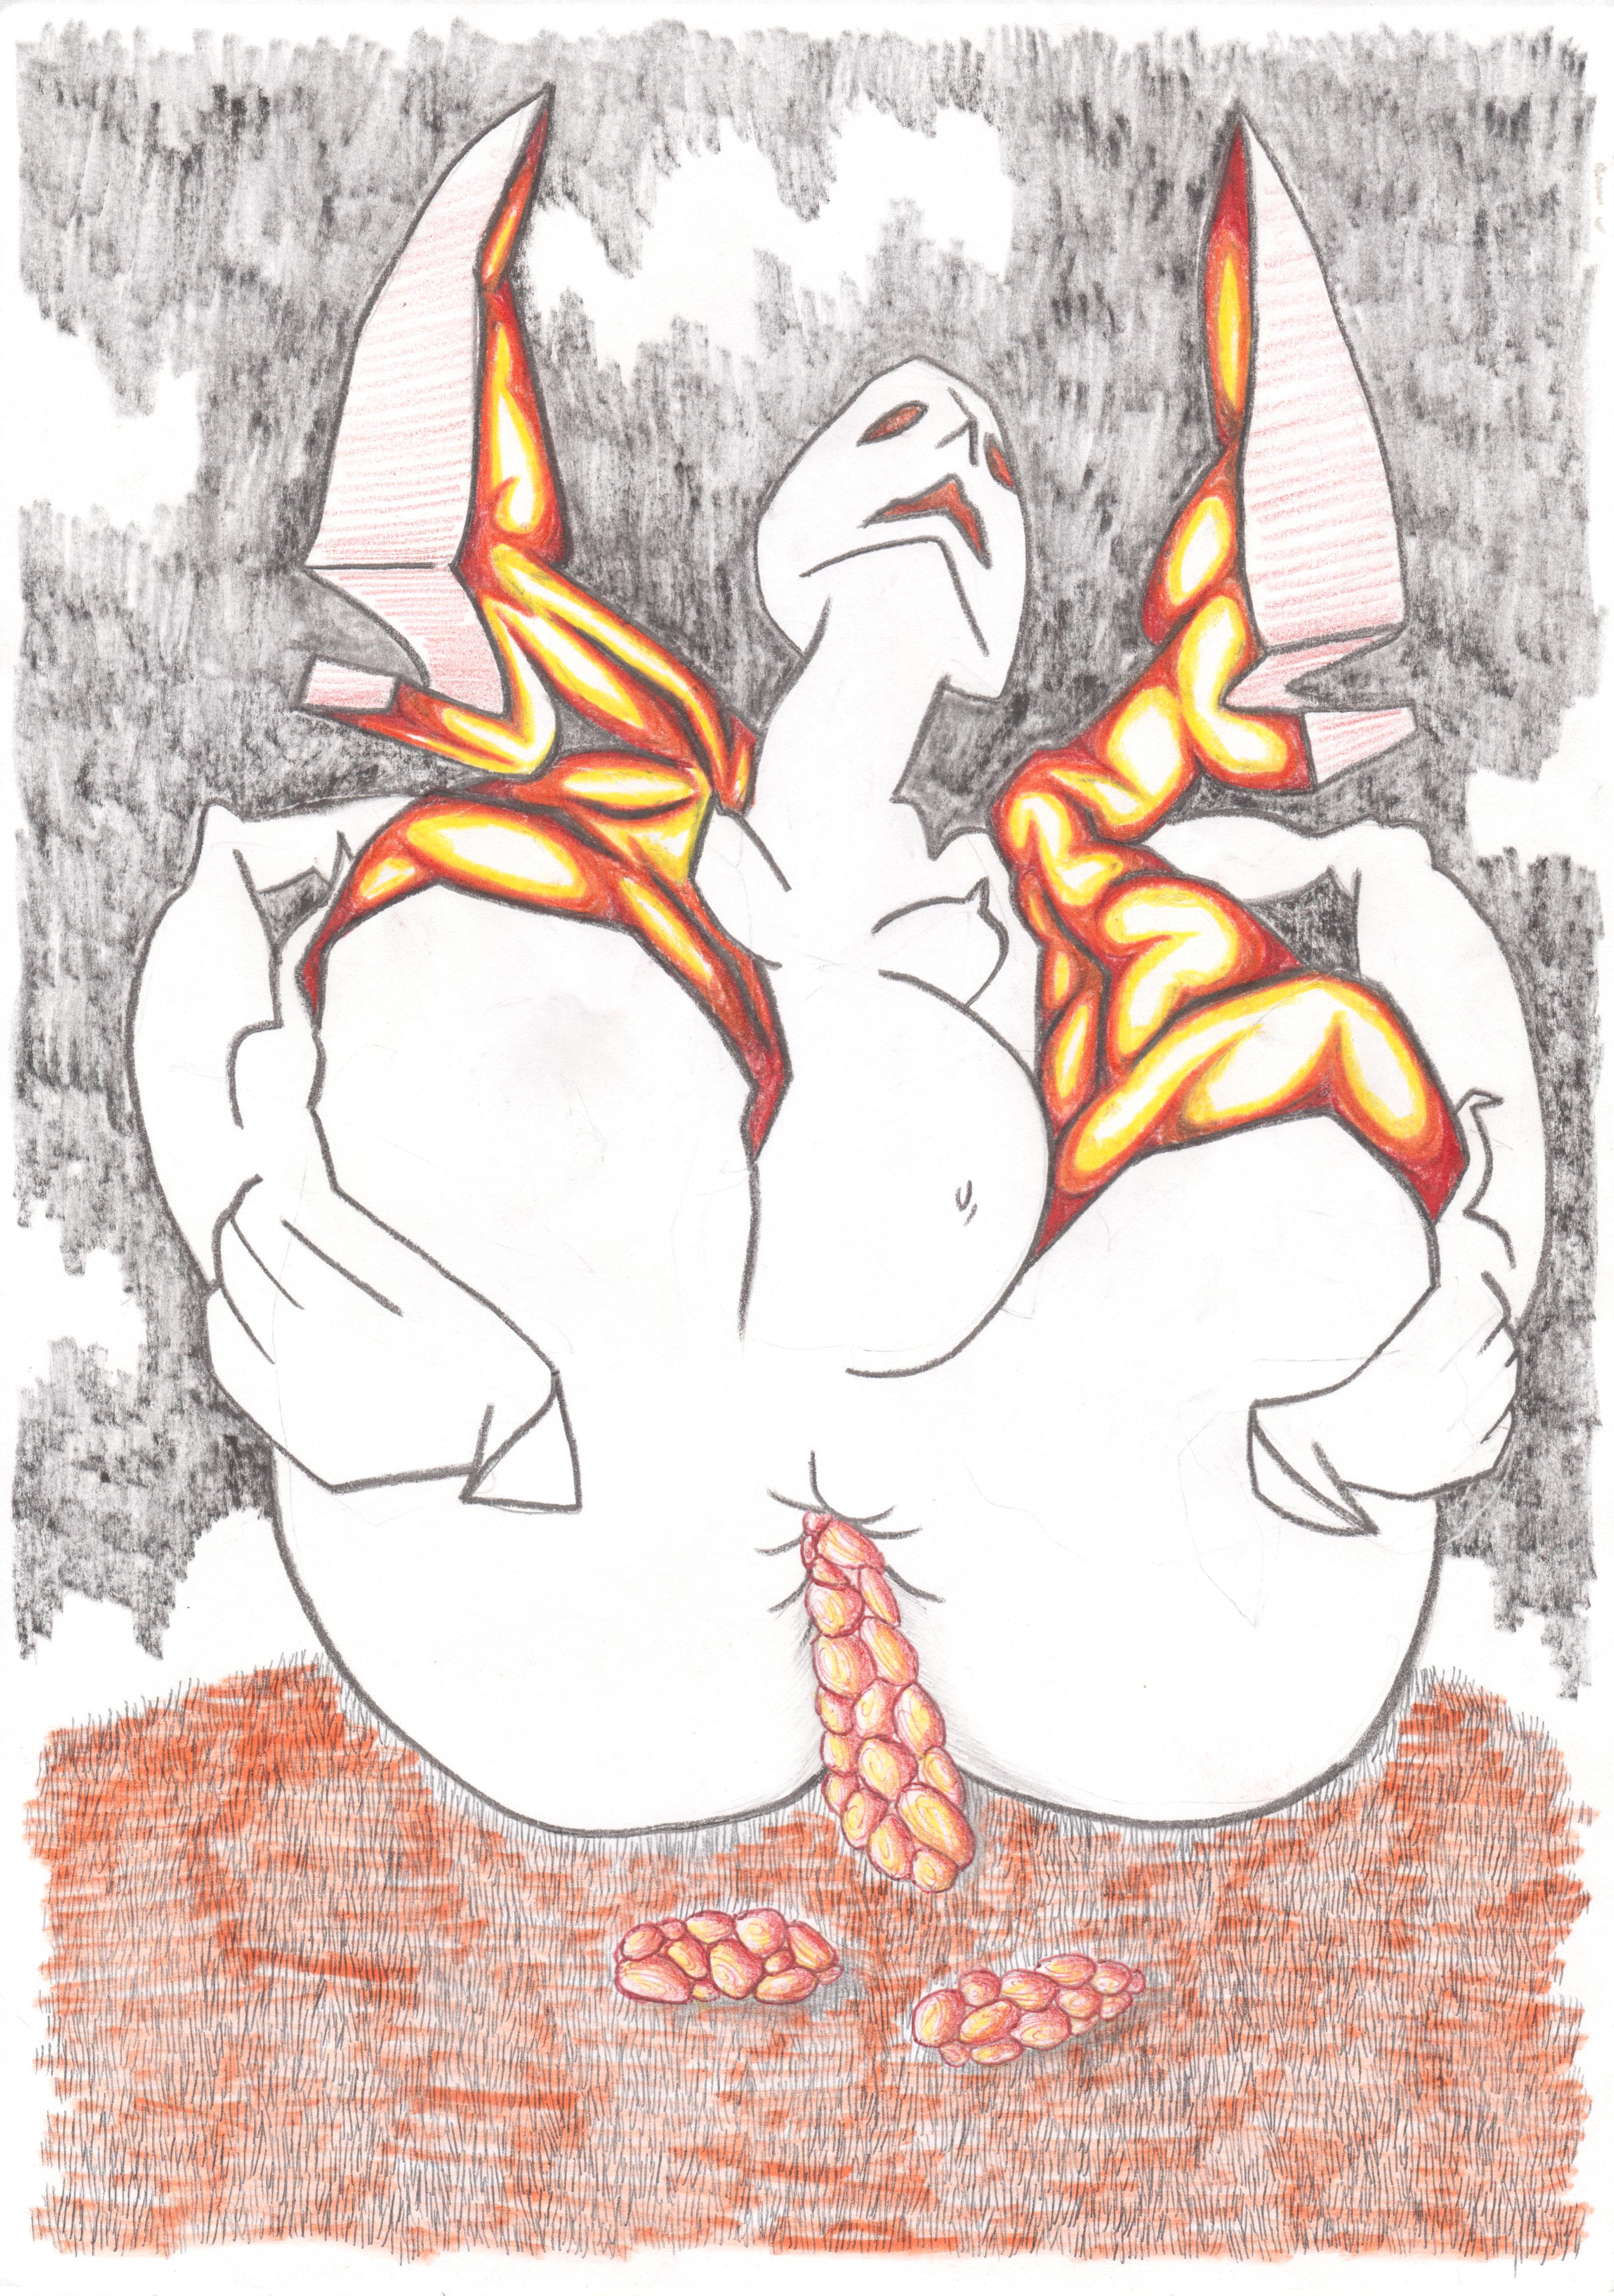 ATELIER N°5-ATELIER PANTHERA-Nicolas PEREZ dessin sur papier _COURT_ techniques mixtes